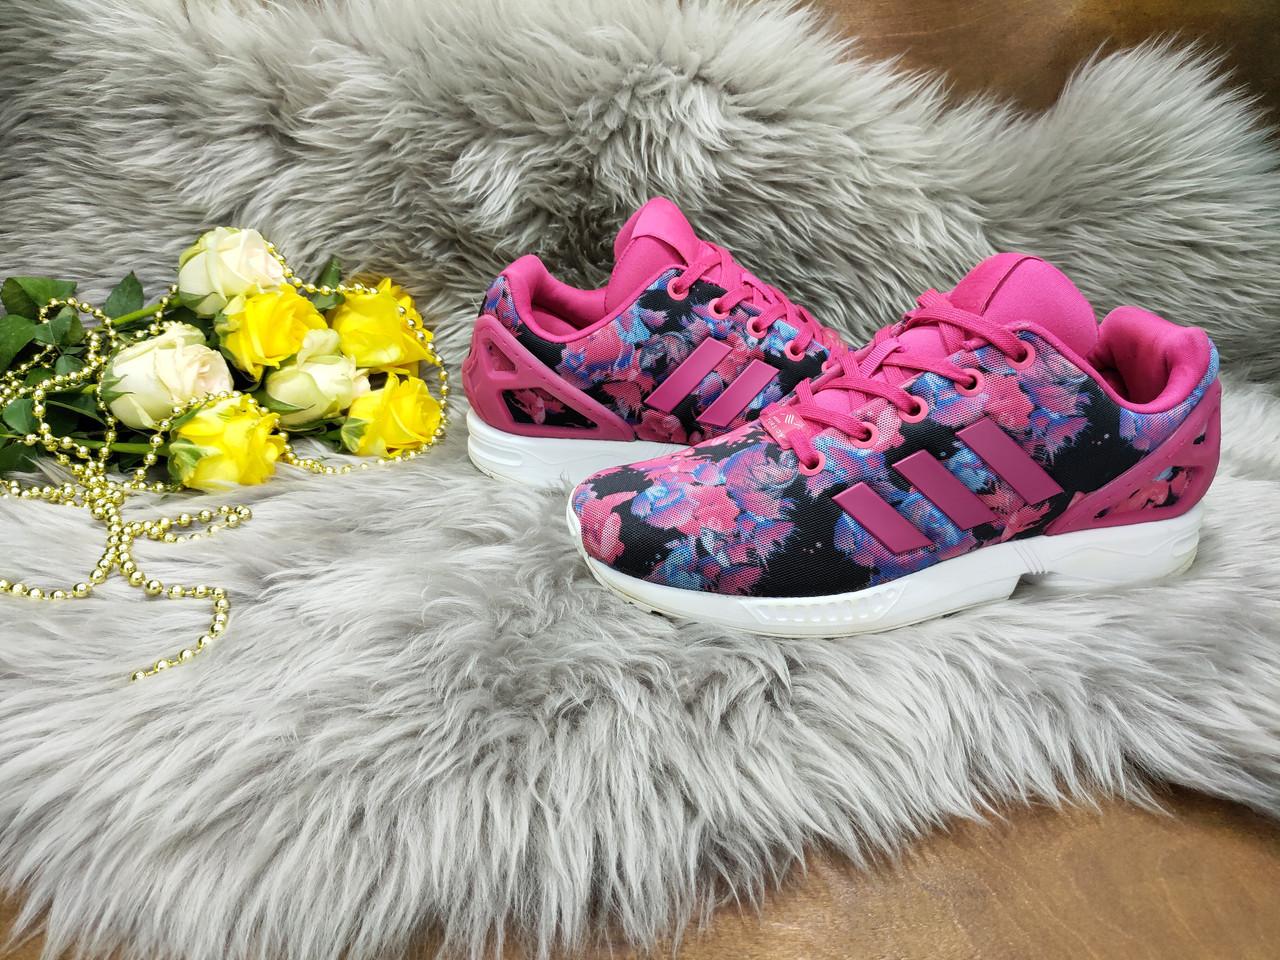 Женские кроссовки Adidas Zx Flux (36 размер) бу